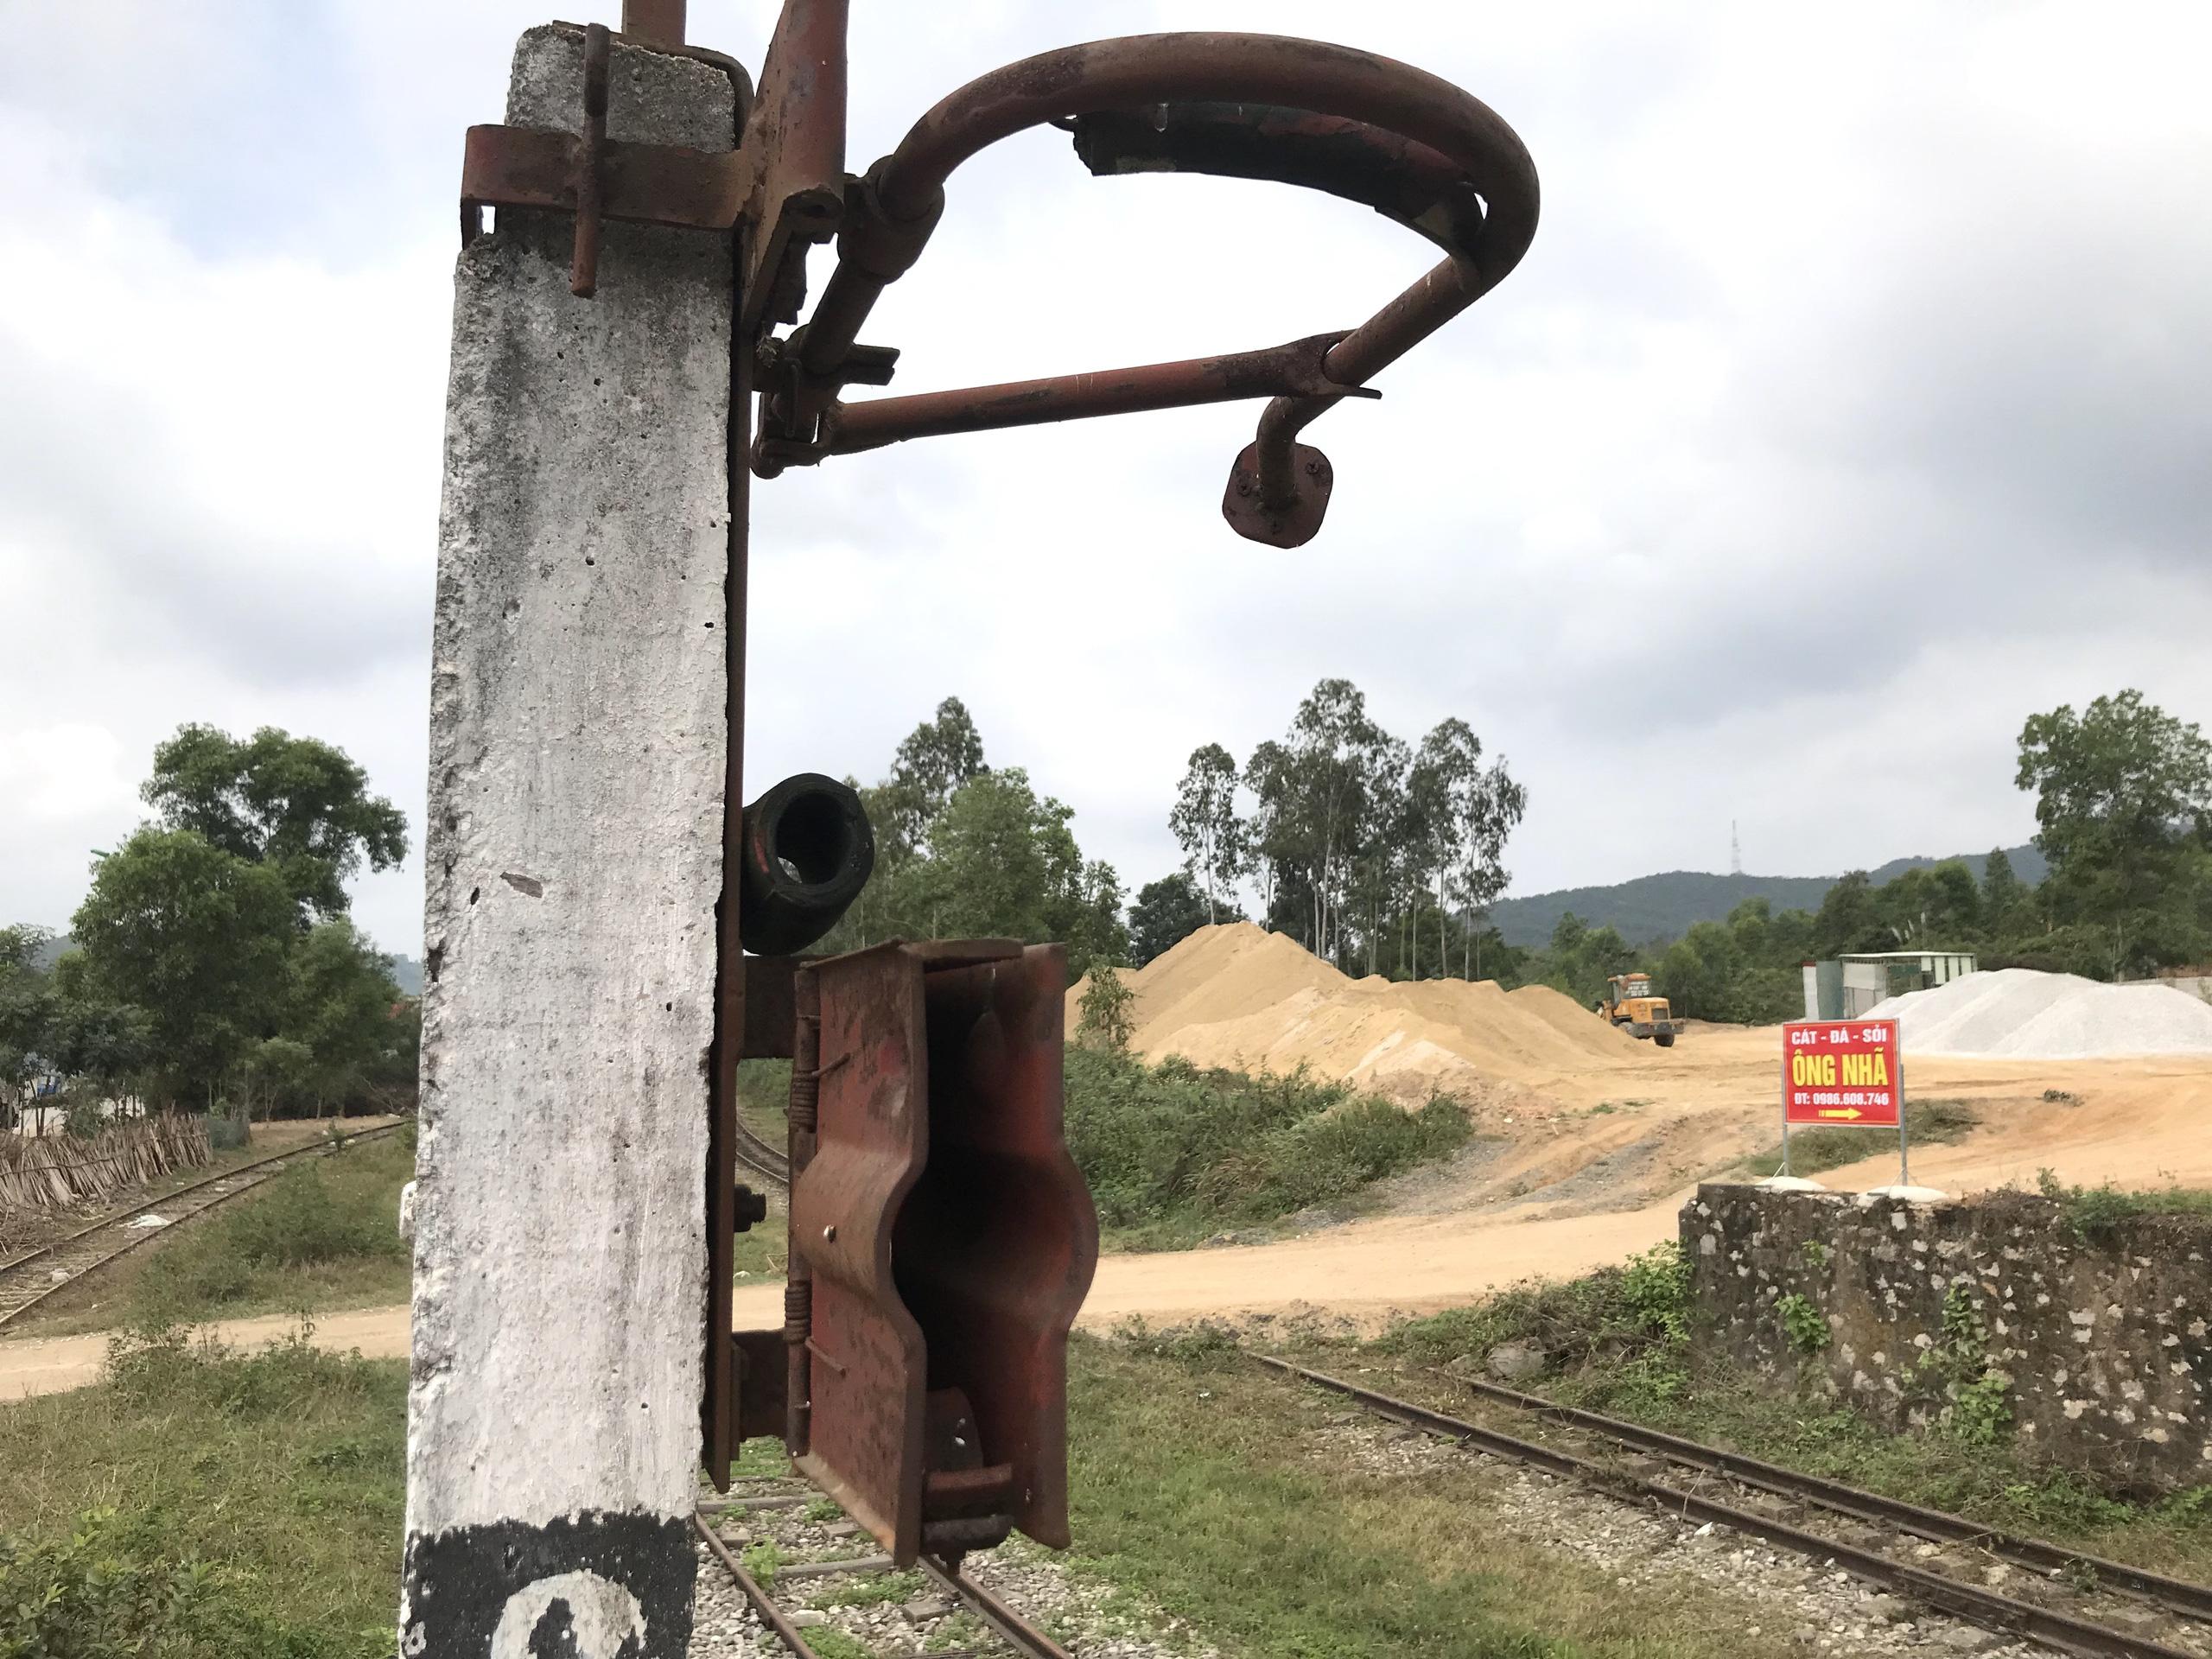 Tuyến đường sắt bị 'bỏ quên' gần thập kỷ không có tàu chạy nhưng vẫn tiêu tốn tiền tỷ bảo vệ - Ảnh 12.